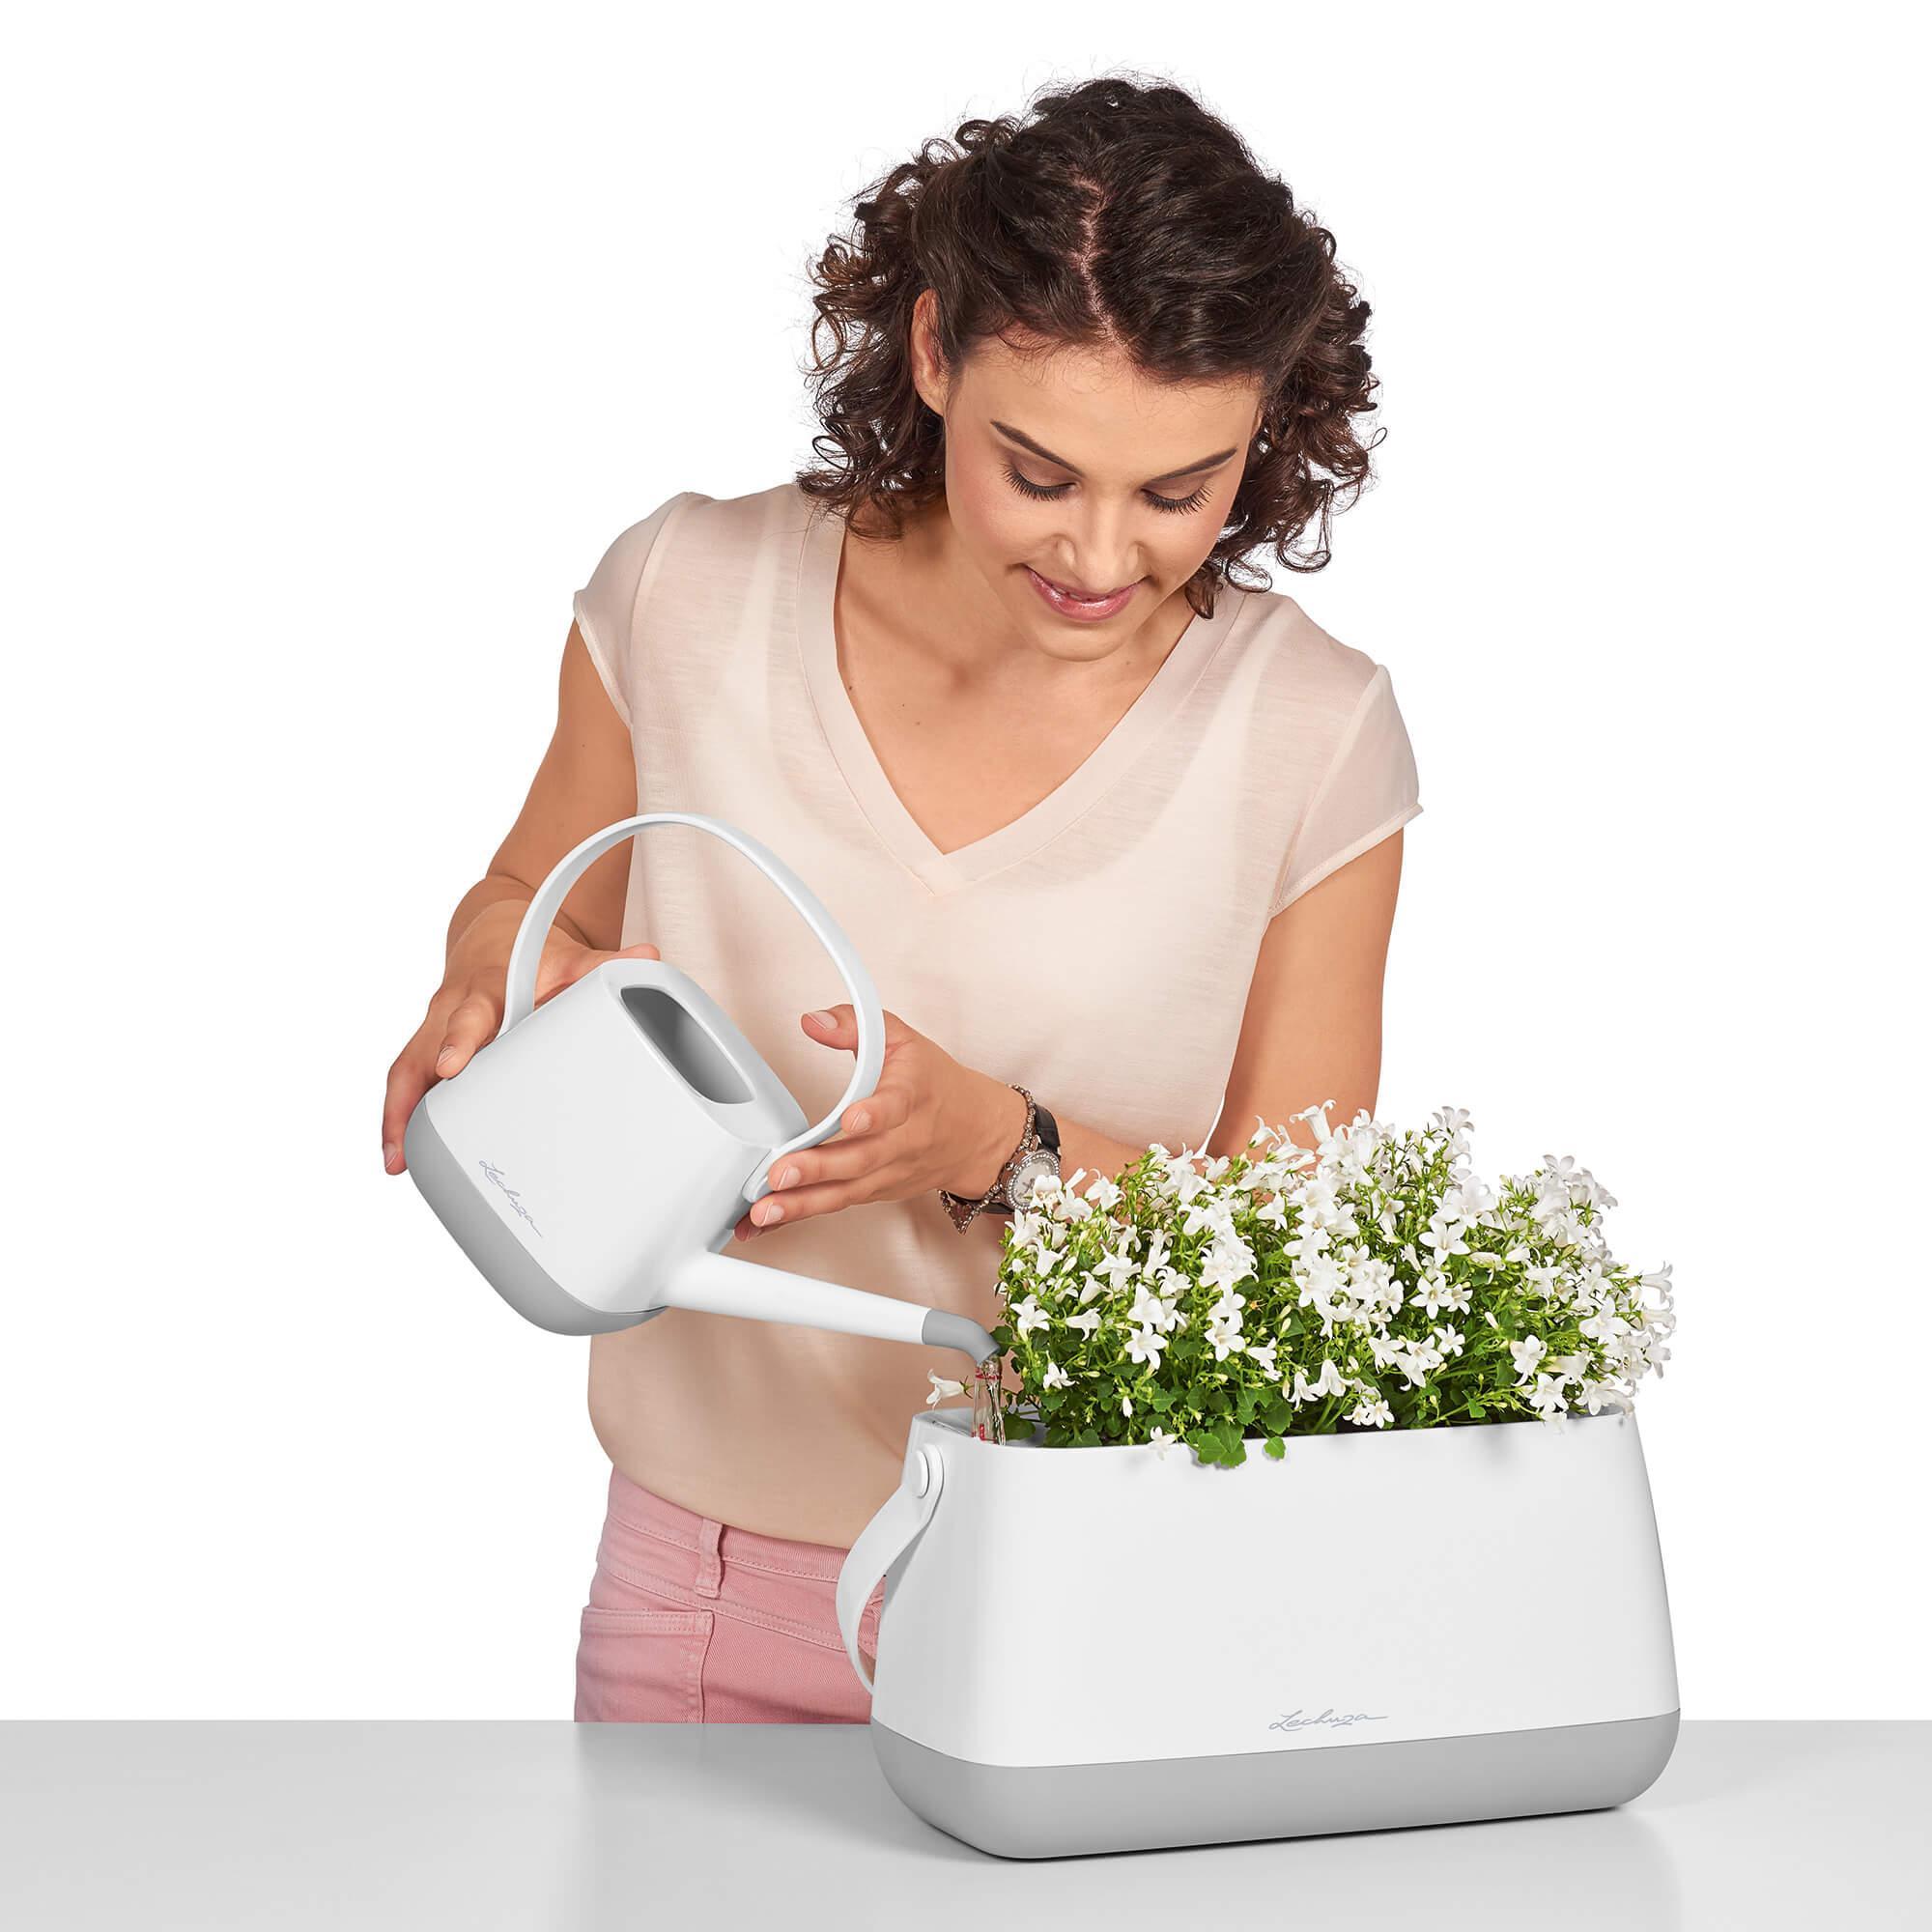 Borsetta per piante YULA bianco/grigio semi opache - Immagine 11